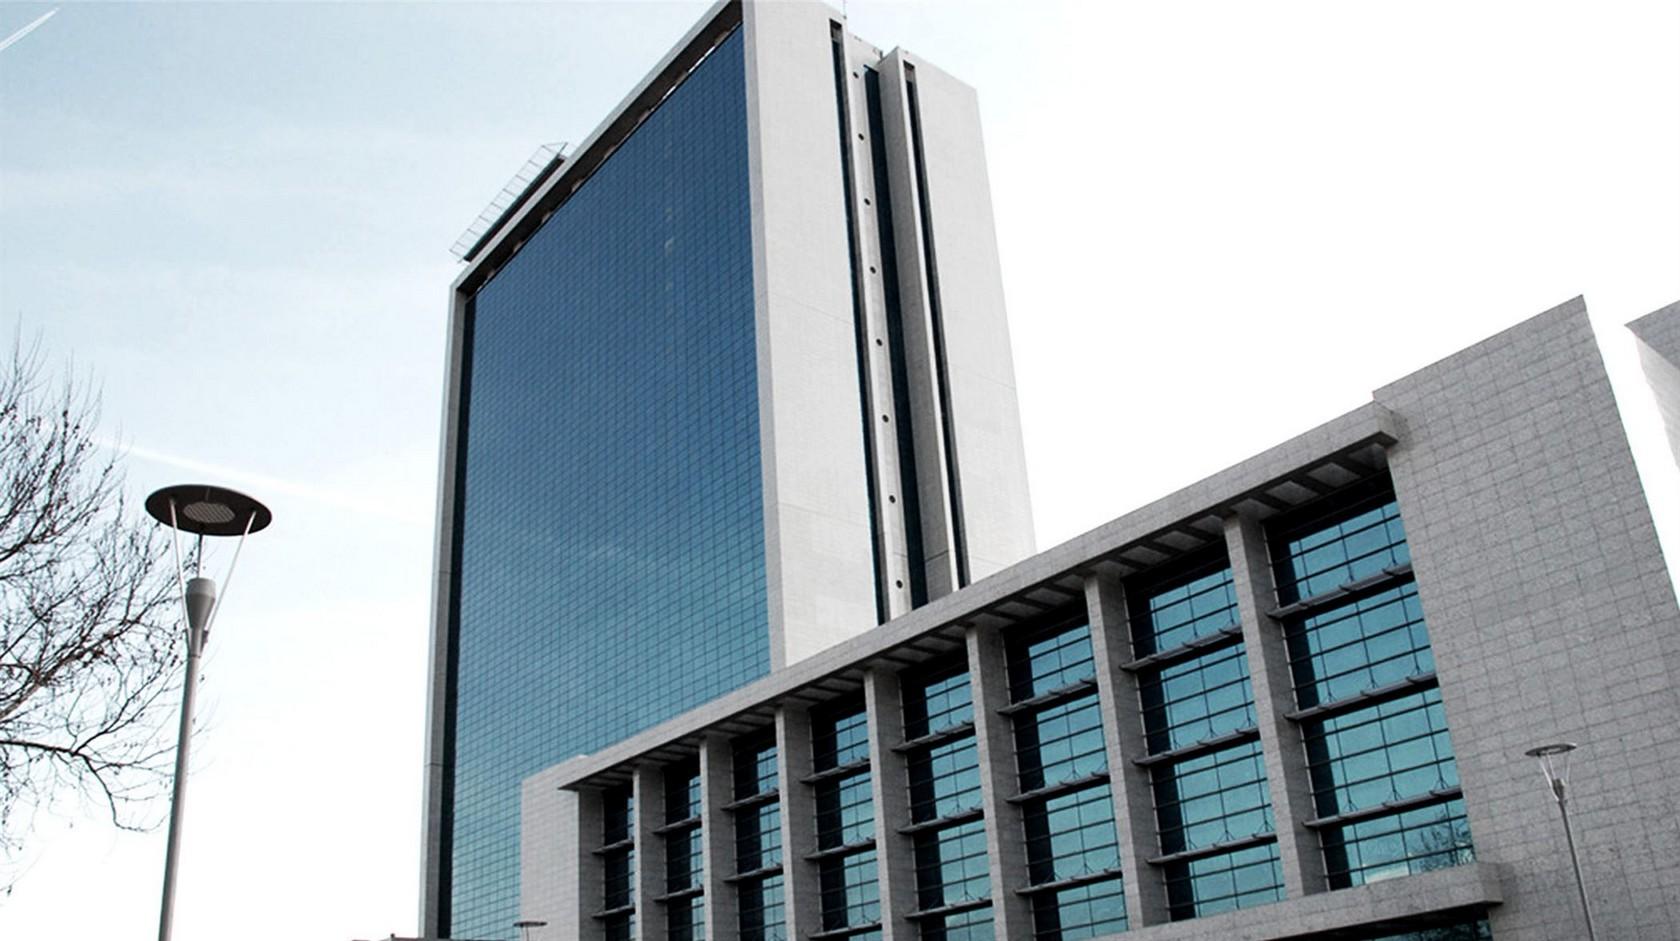 https://acemimarlik.com/Ankara Büyükşehir Belediyesi Hizmet Binası